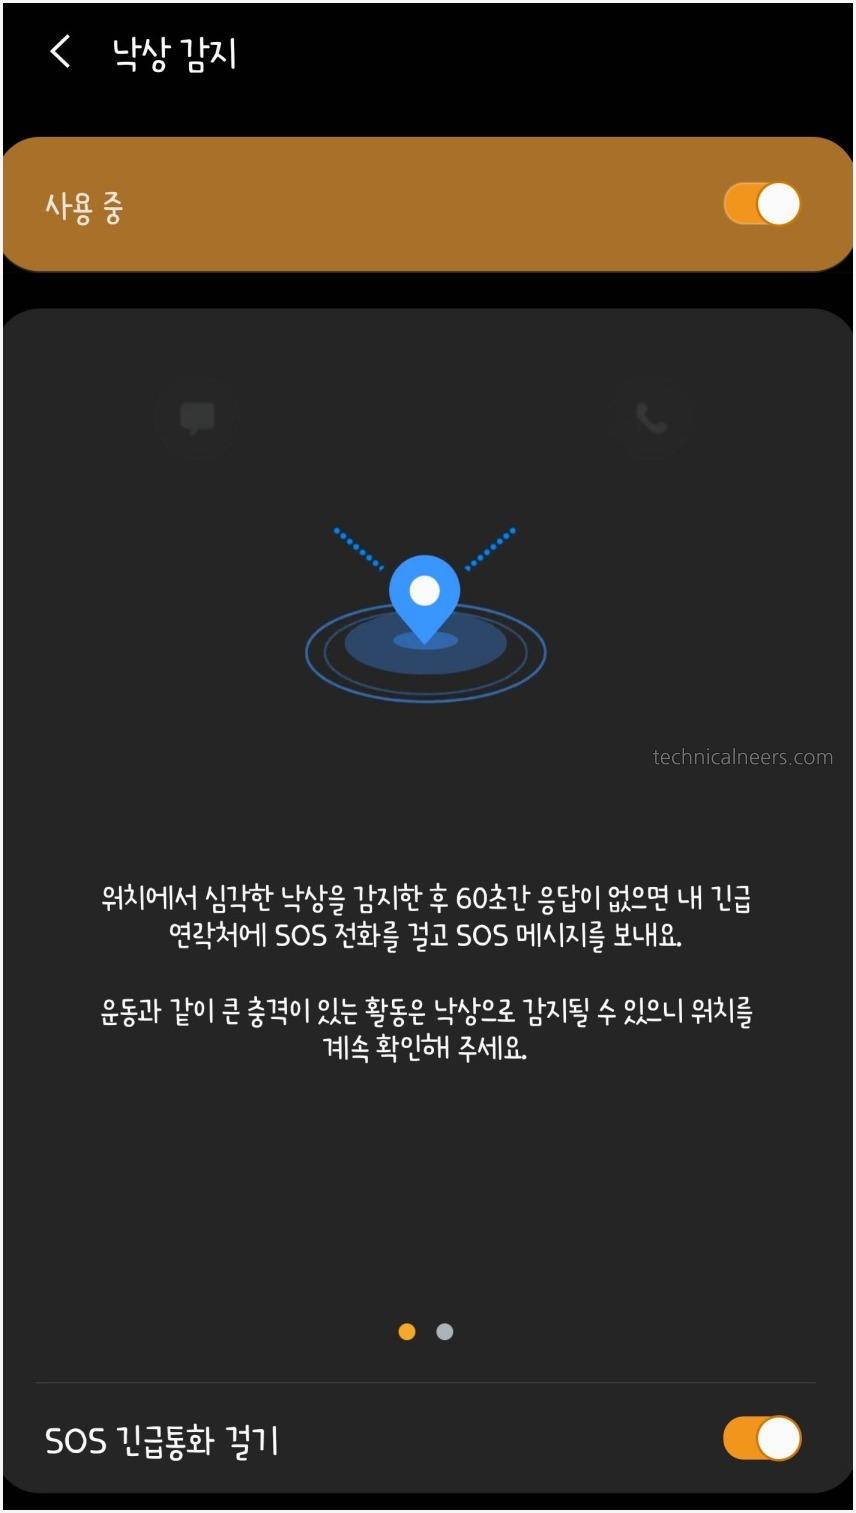 갤럭시 워치3 낙상감지 기능